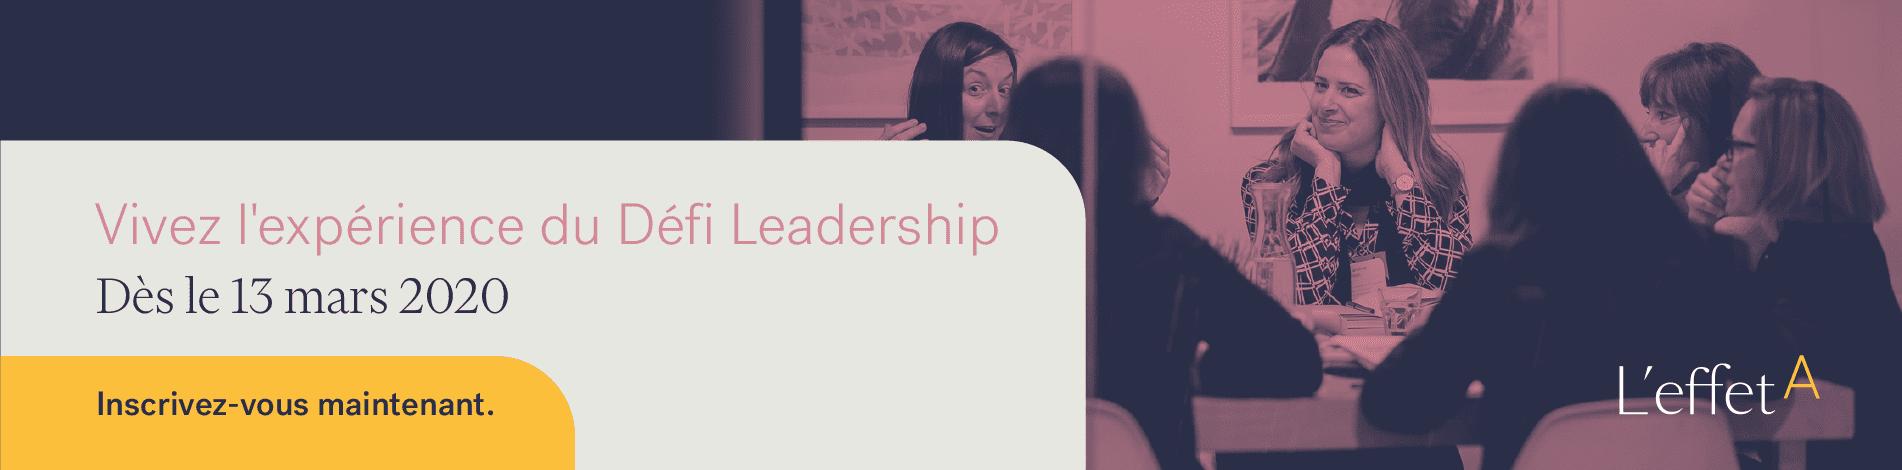 Tentez le Défi Leadership de L'effet A et propulsez votre carrière!